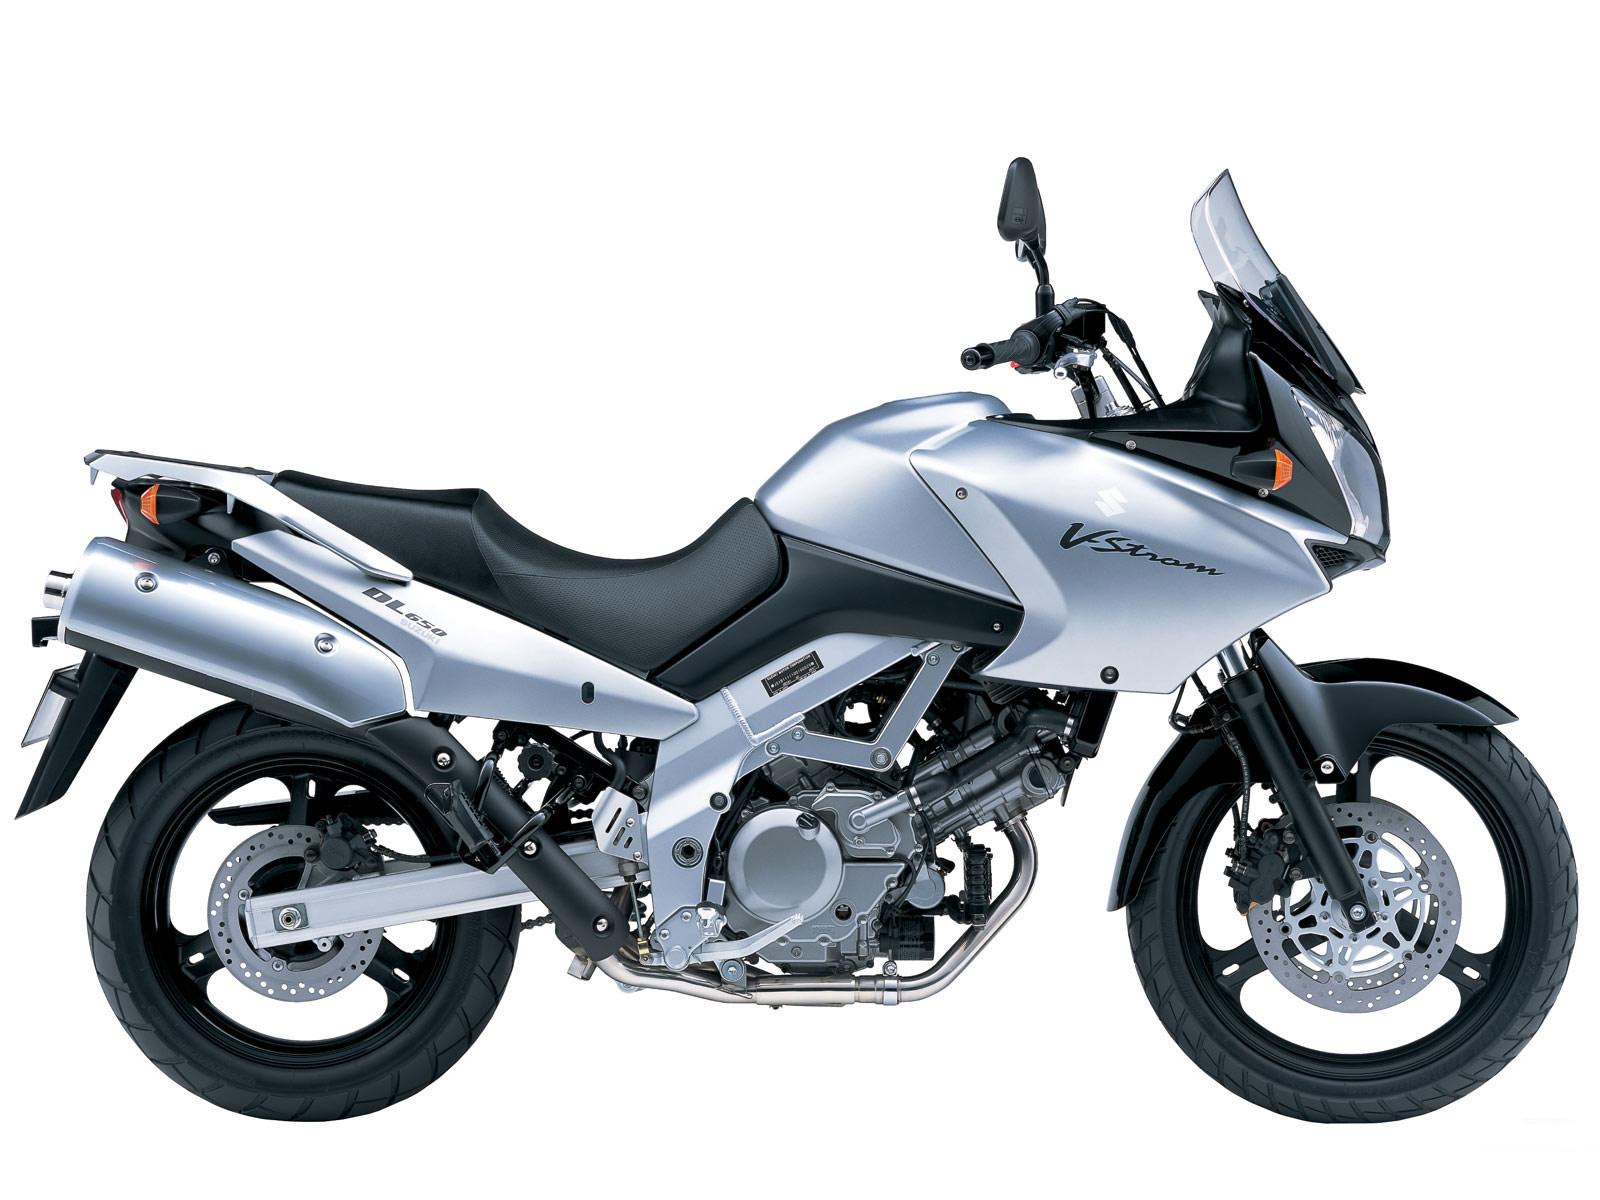 http://3.bp.blogspot.com/-j4l3wKDopuQ/TkhLoyvGuSI/AAAAAAAAAfU/LriDjLU8zpk/s1600/Suzuki-DL-650_V-Strom_2004_motorcycle-desktop-wallpaper_08.jpg